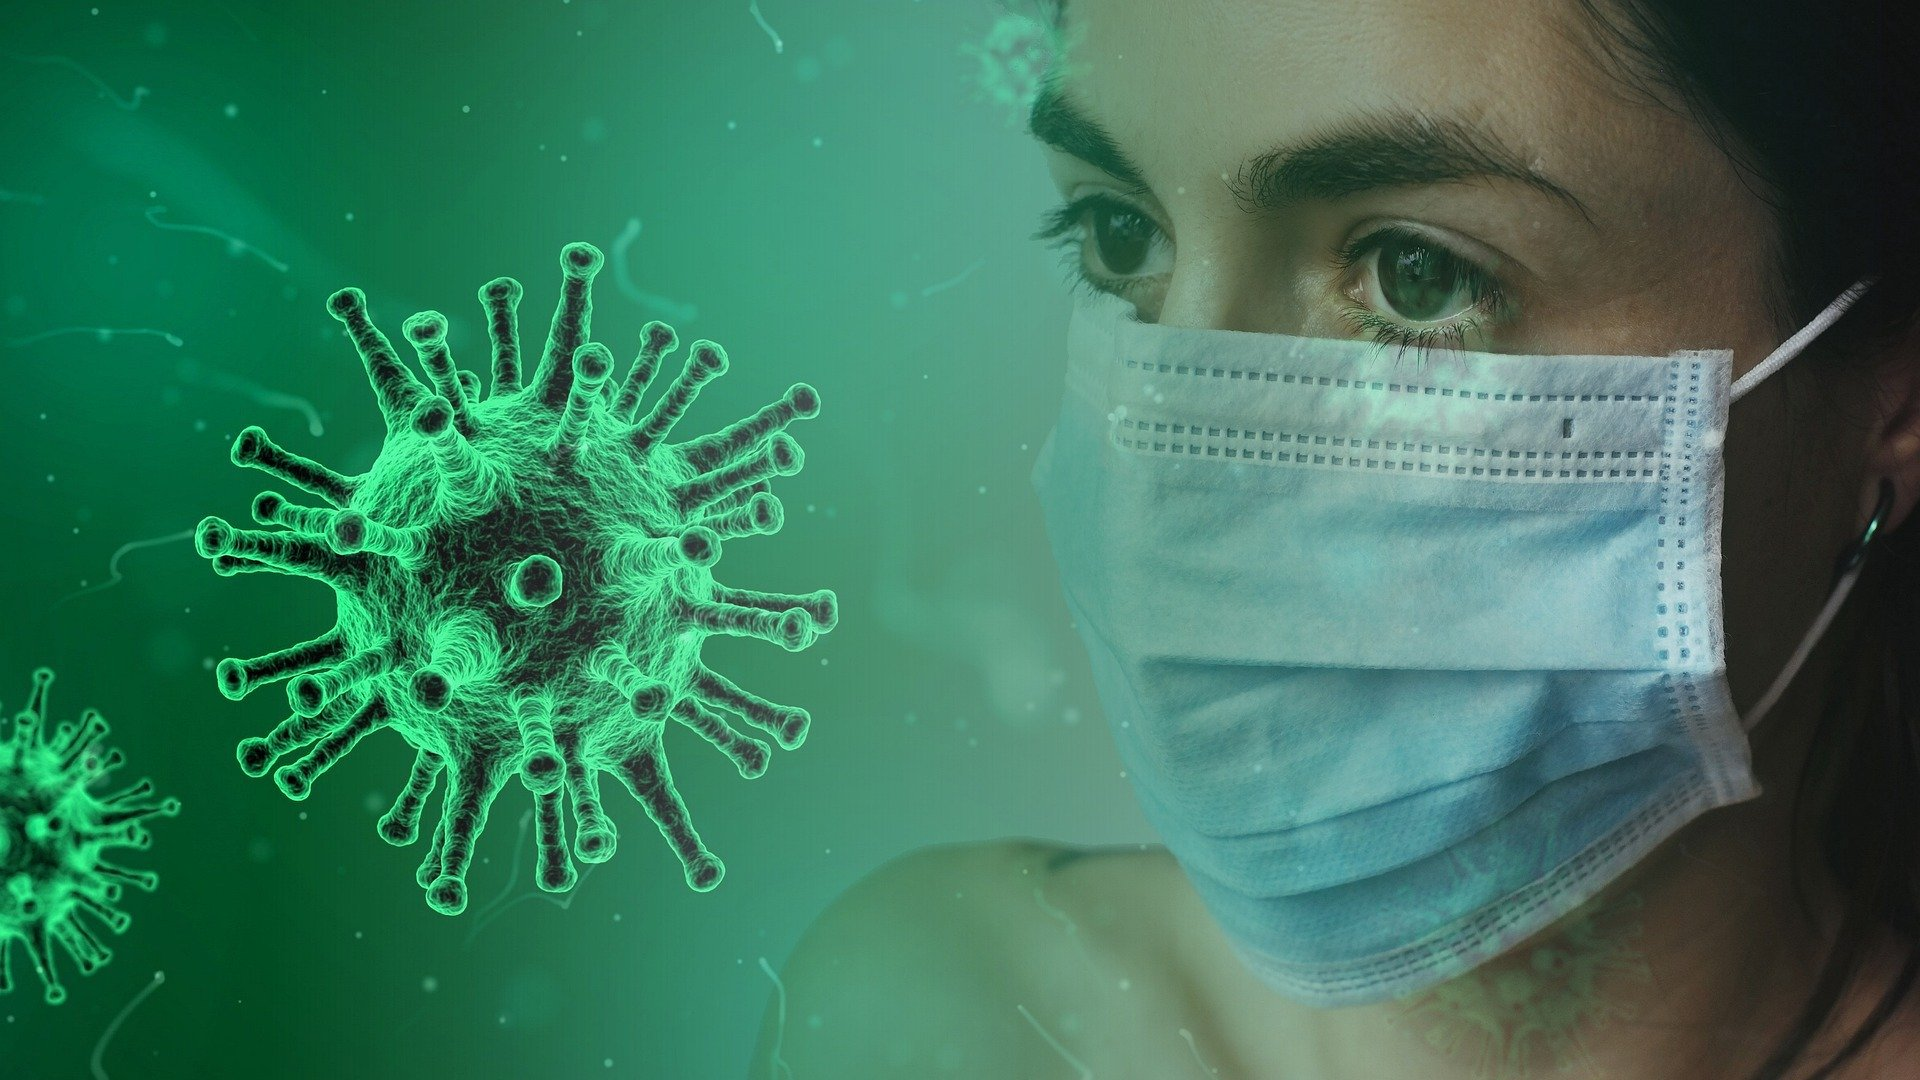 Coronavirus: une entreprise chinoise a modifié son IA pour reconnaître les citoyens portant des masques